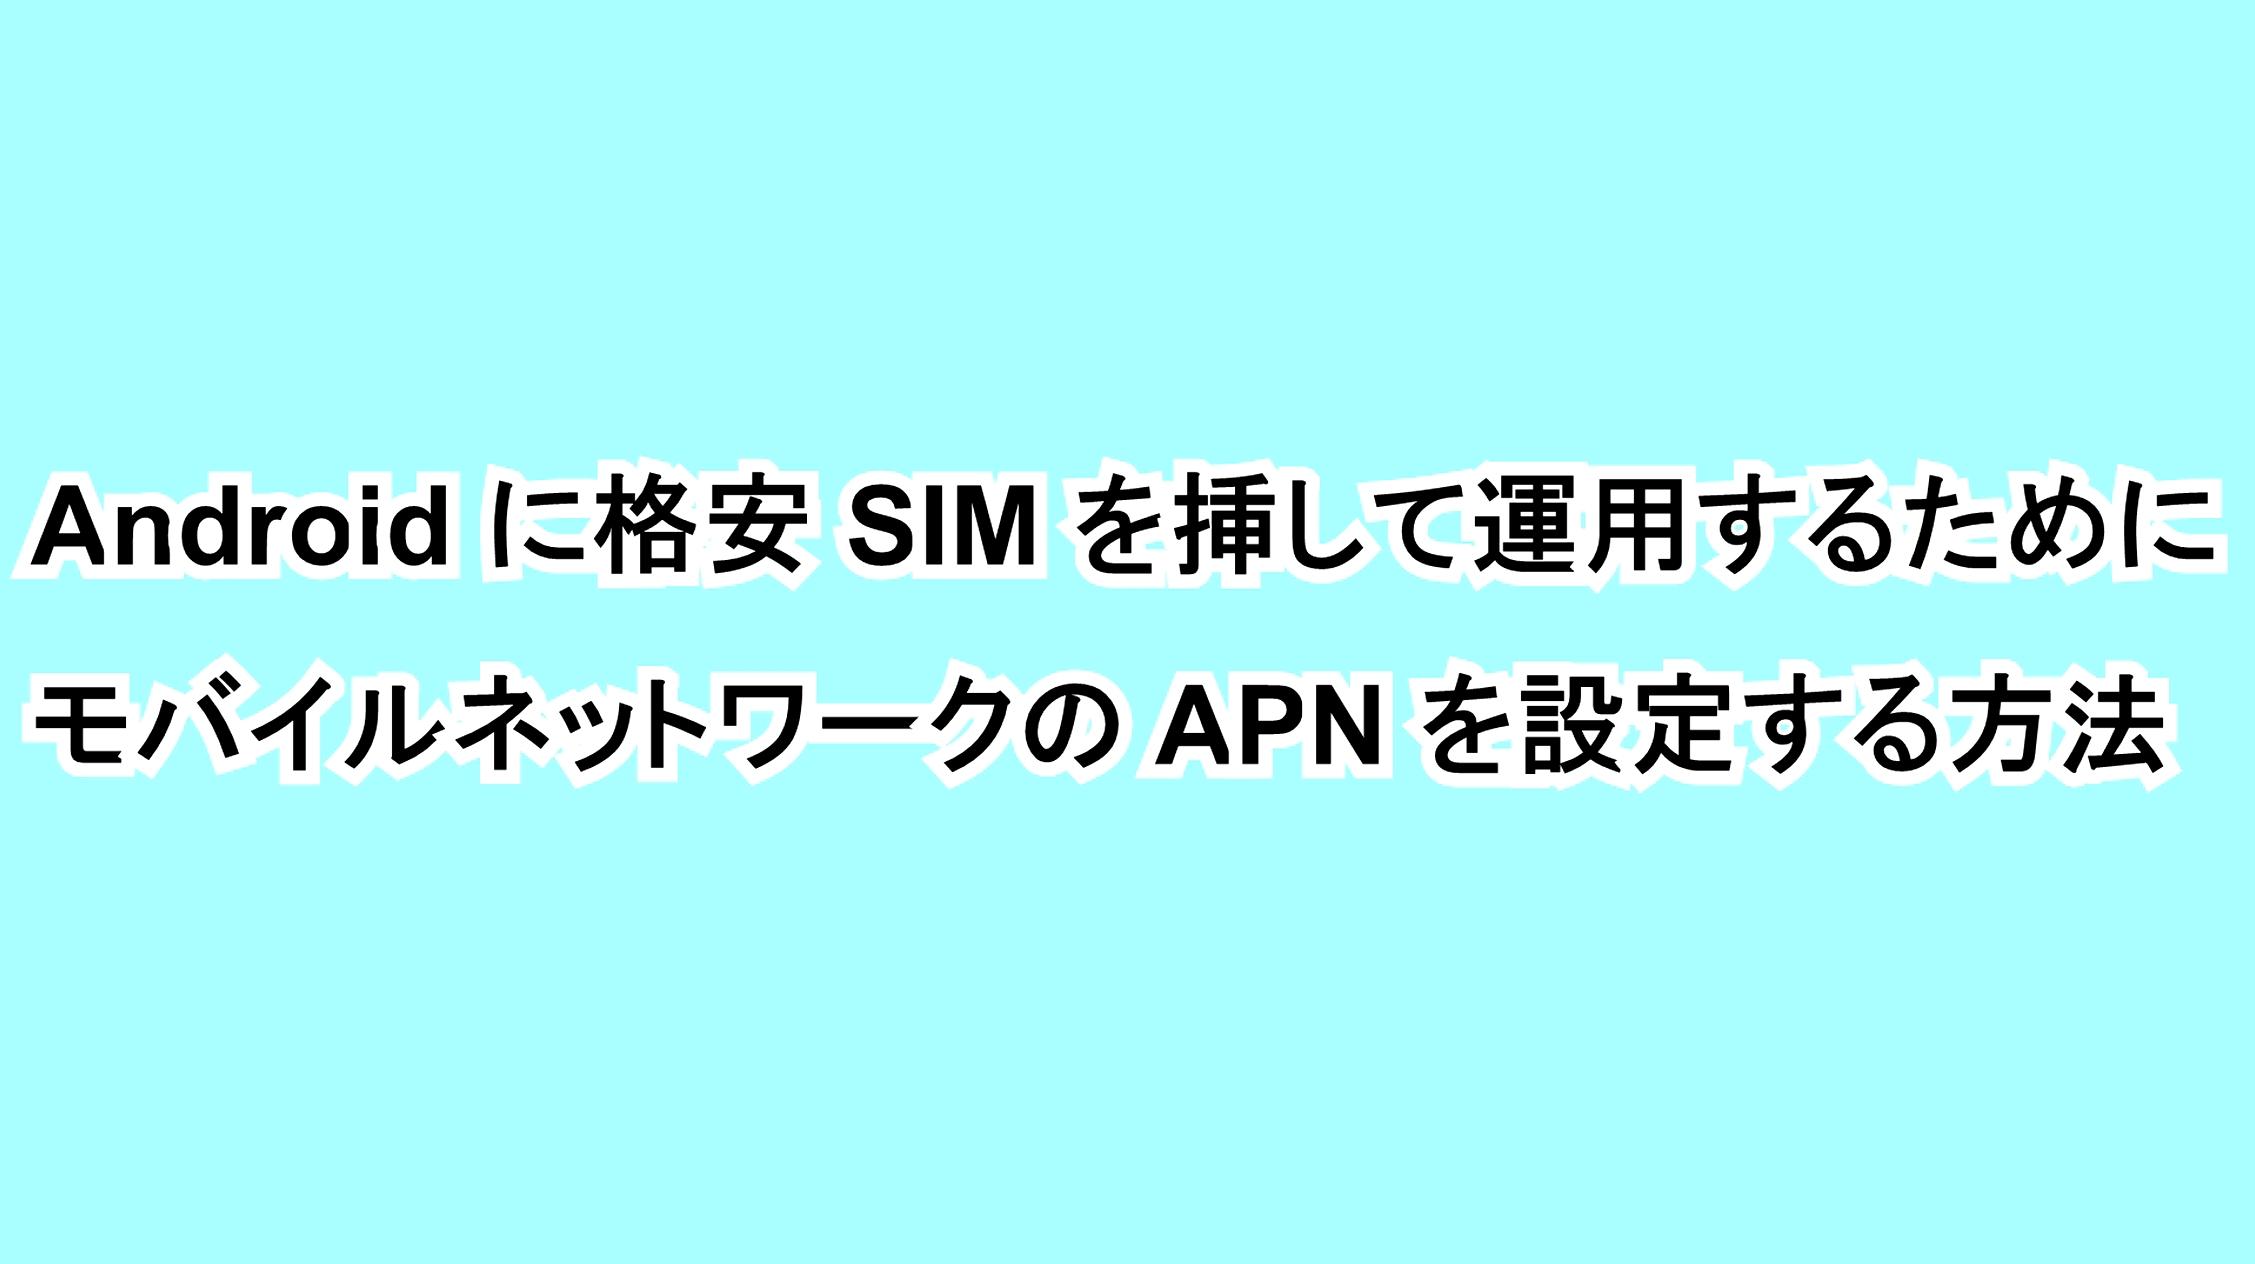 Androidに格安SIMを挿して運用するためにモバイルネットワークのAPNを設定する方法